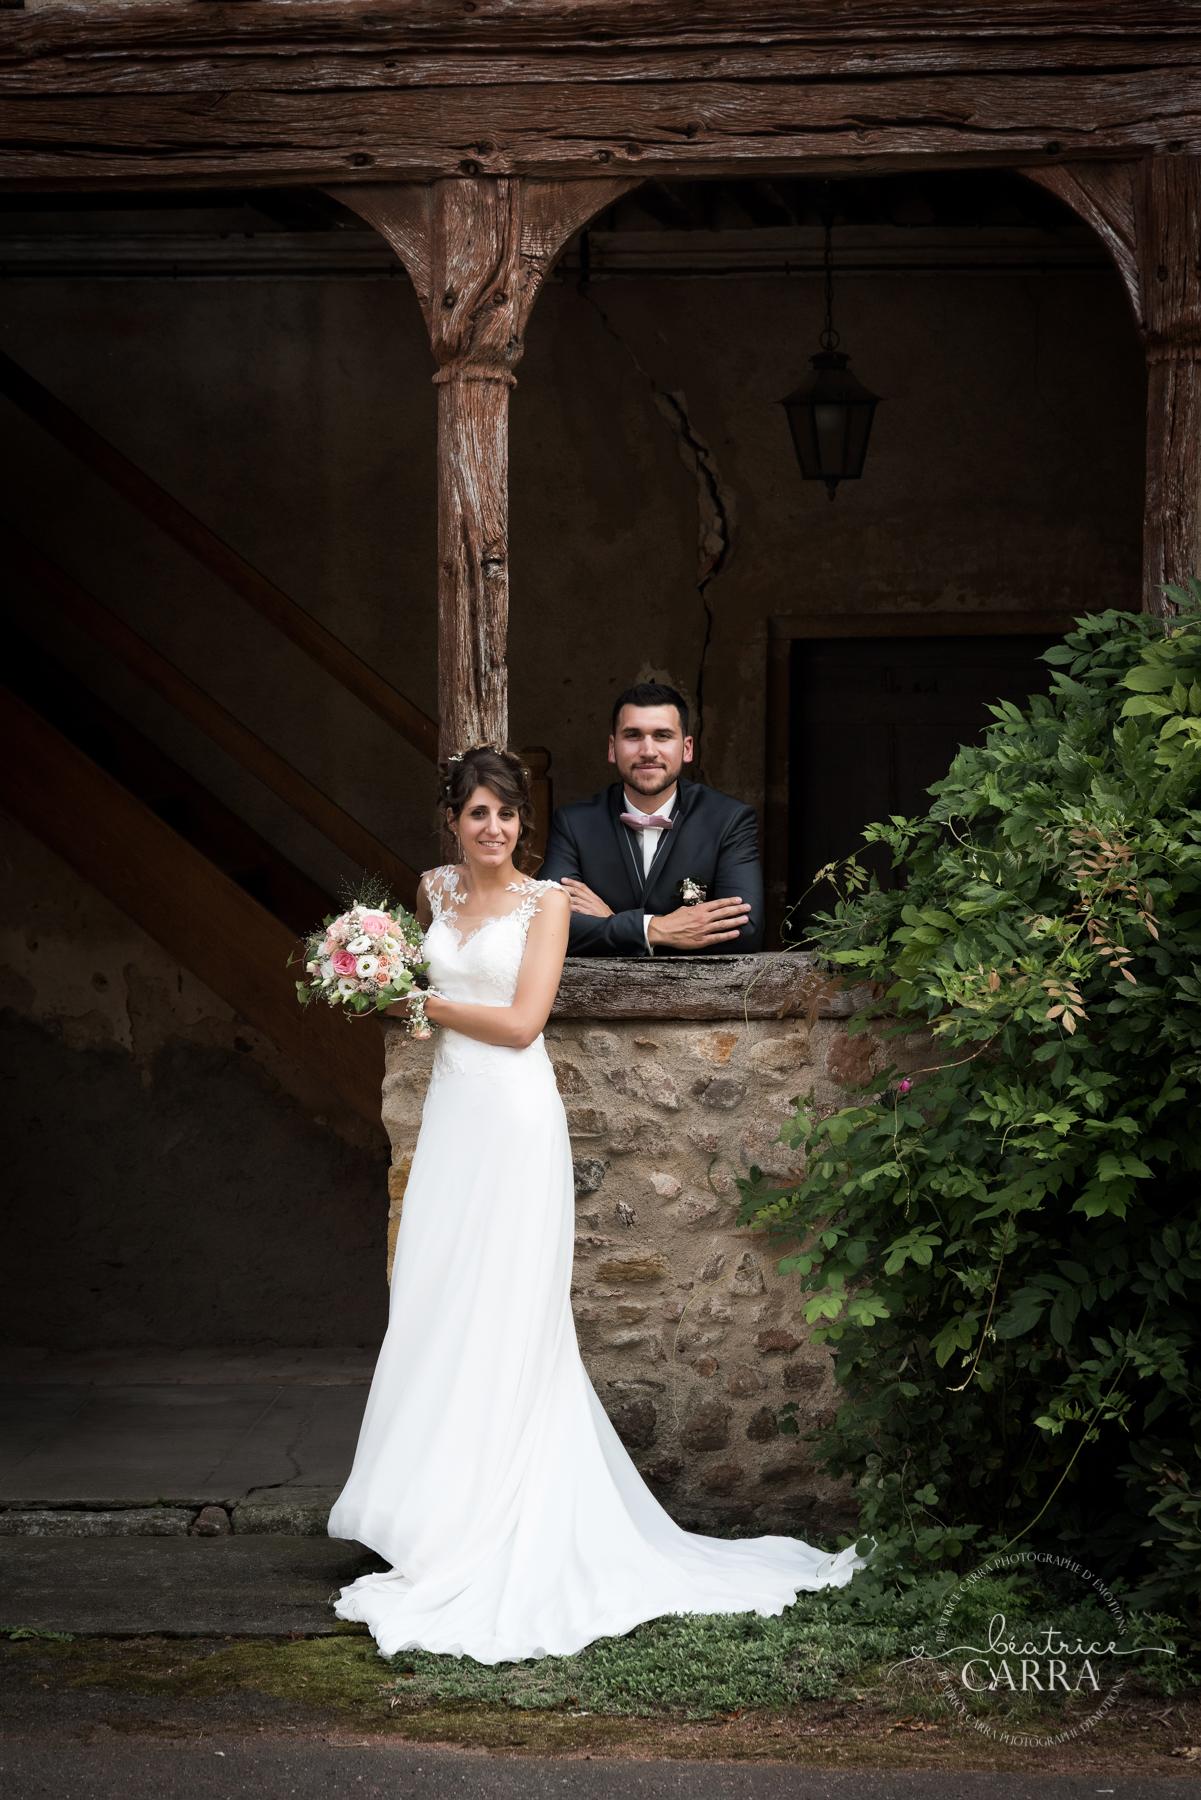 mariage champetre et chic au catalpa Roanne. Béatrice Carra Photographe Loire-Rhone-Auvergne025